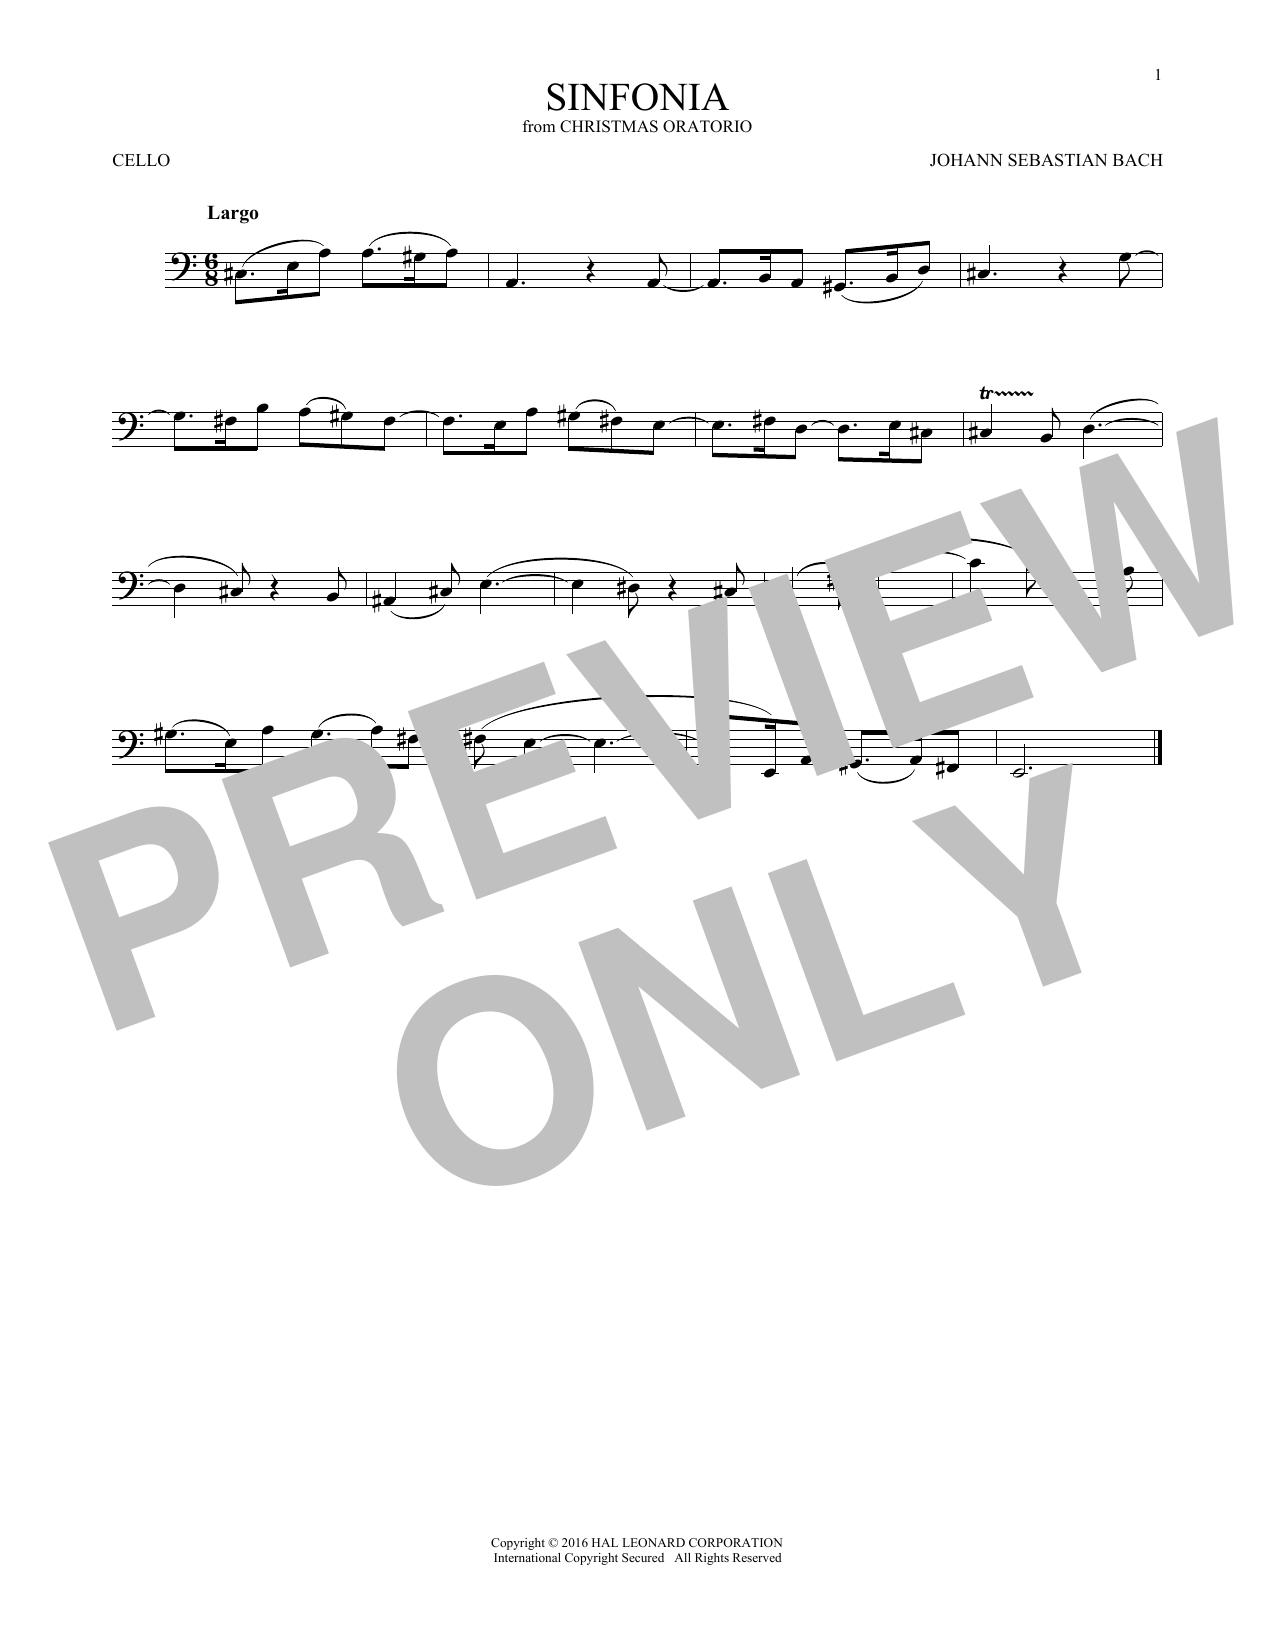 Sinfonia (Cello Solo)